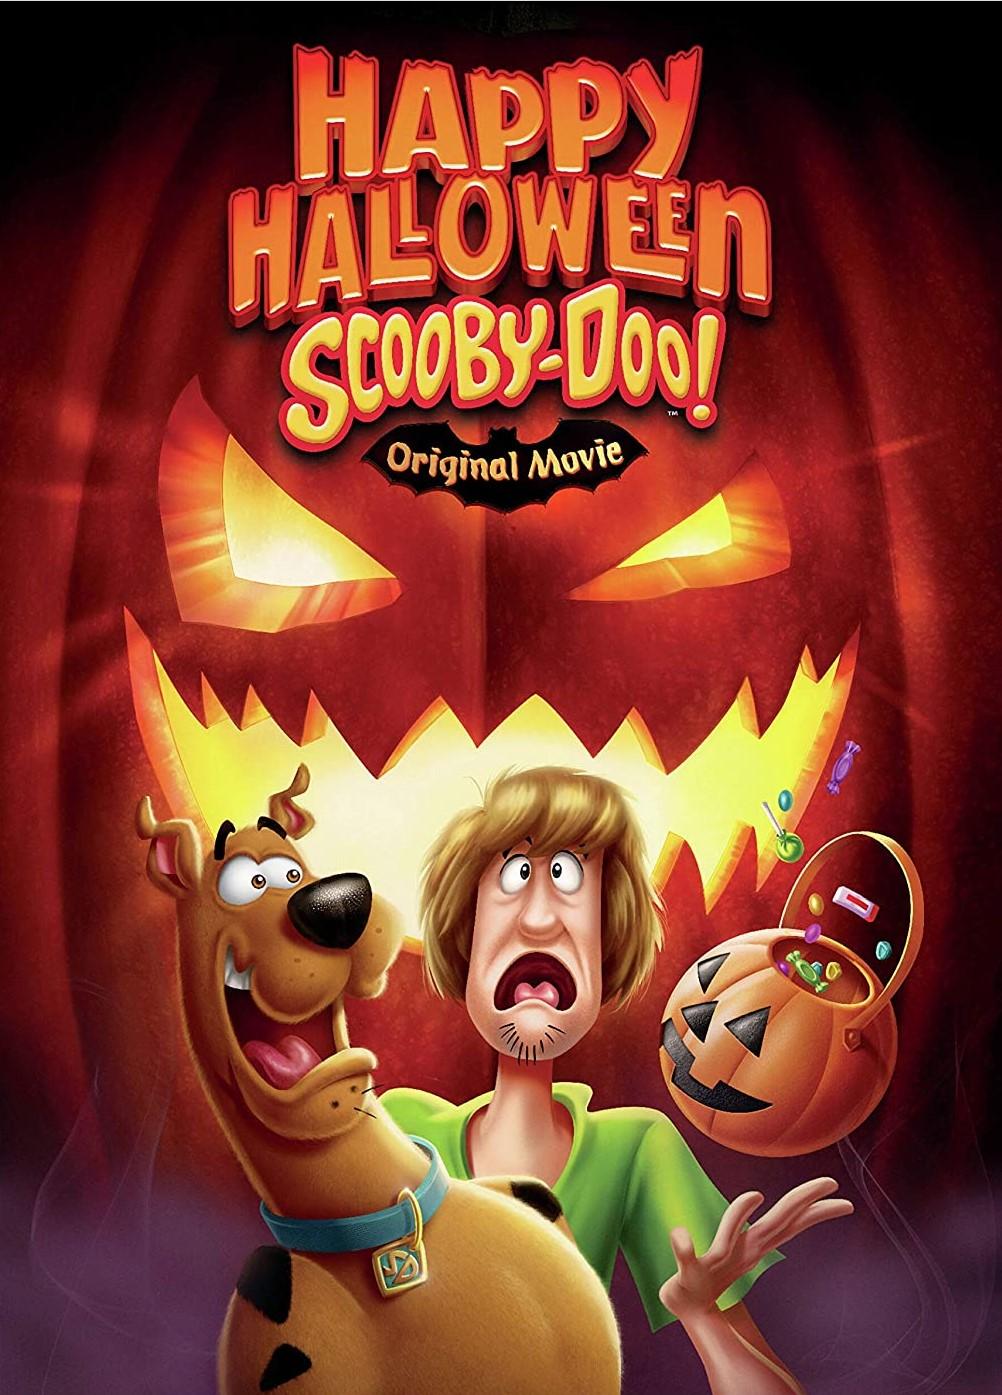 Happy halloween scooby doo